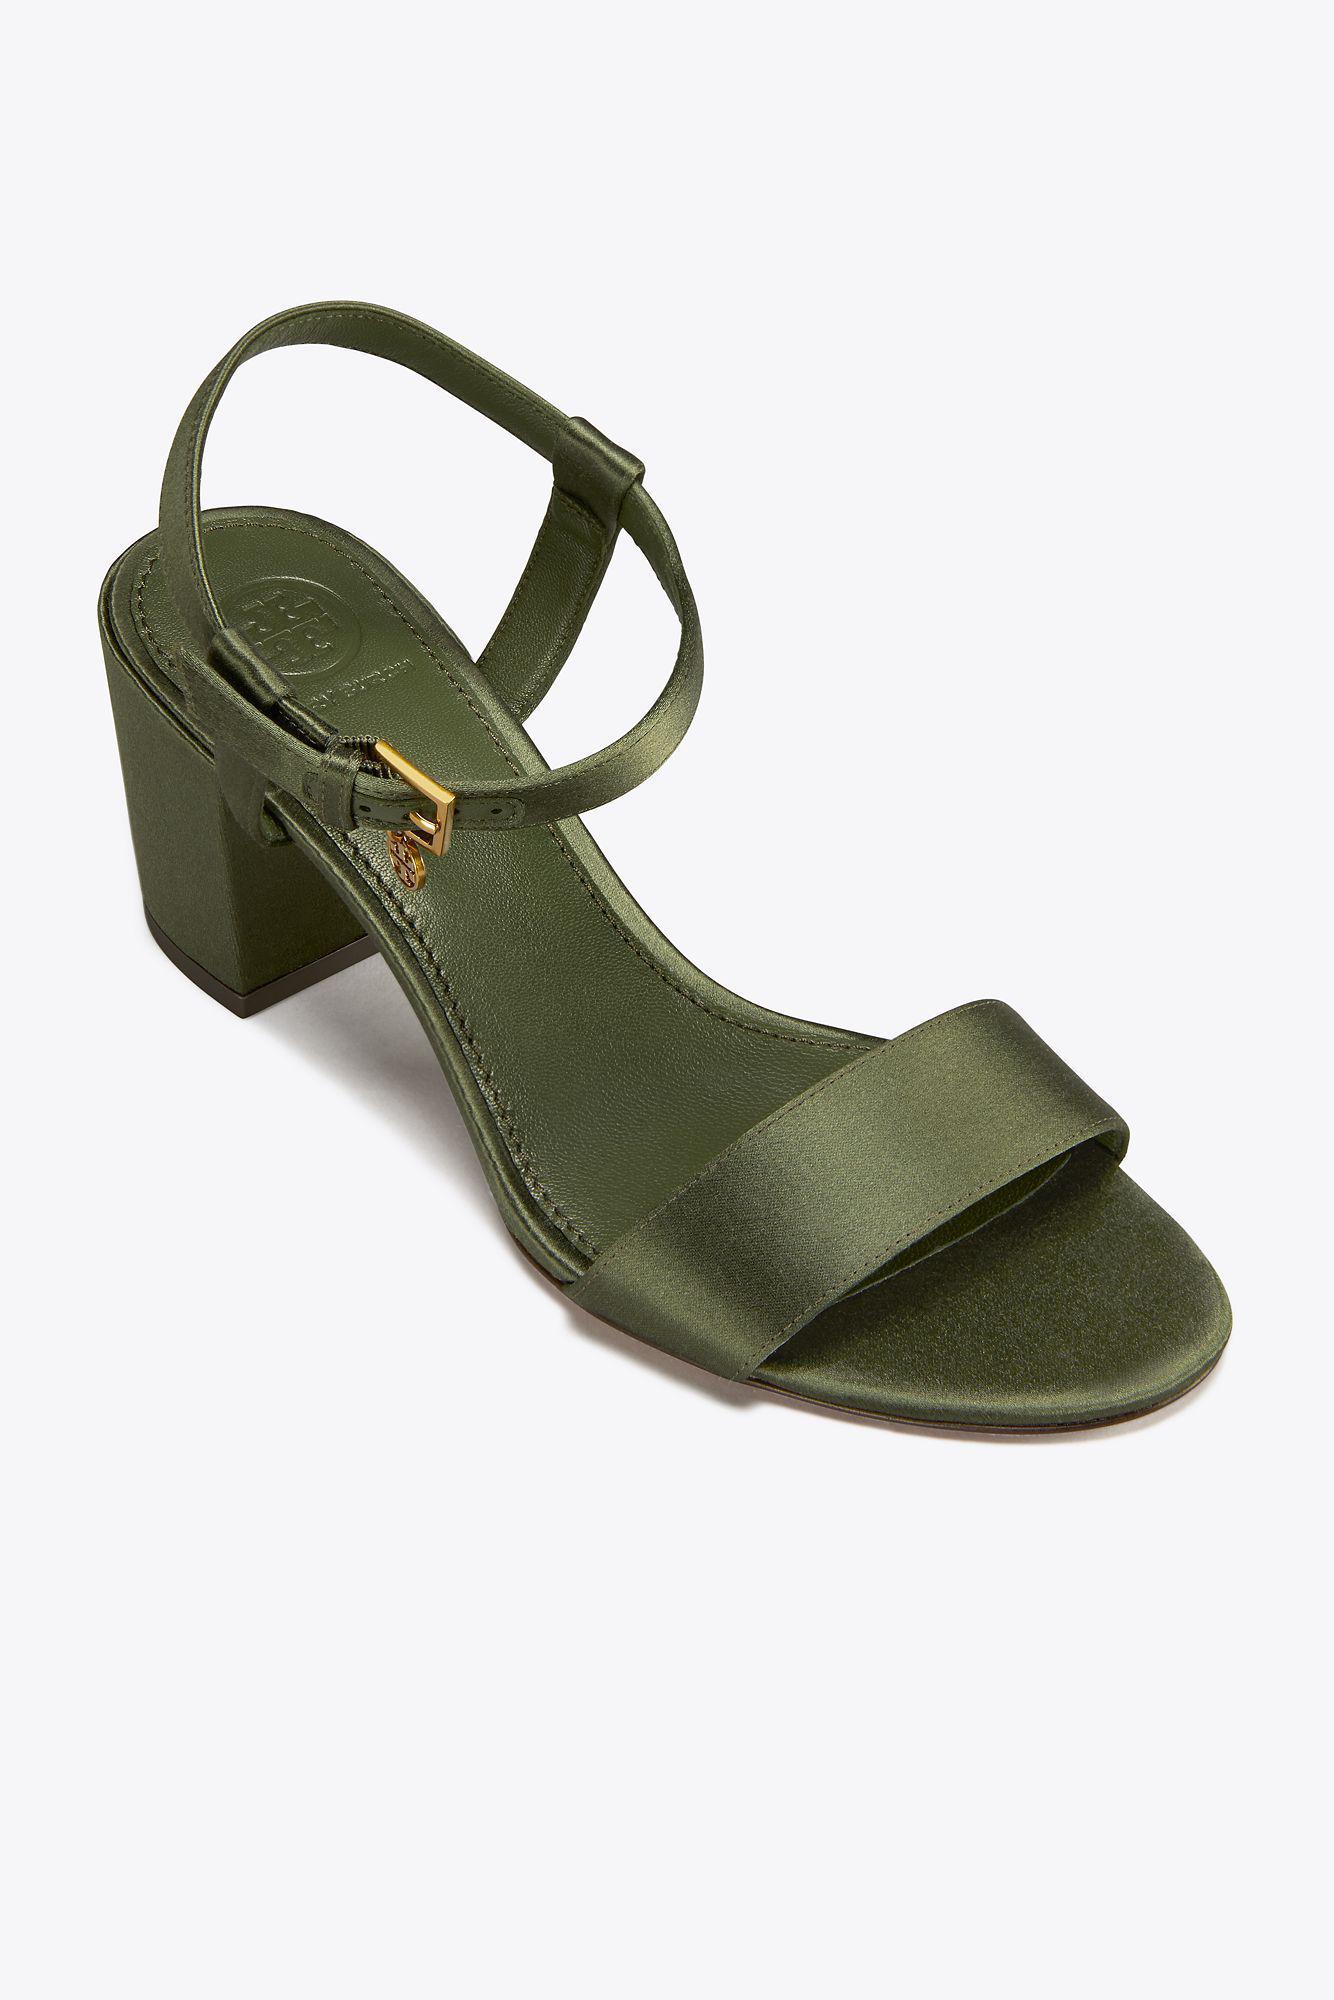 be71517dbe7d Tory Burch Laurel Ankle Strap Sandal (women) in Green - Lyst